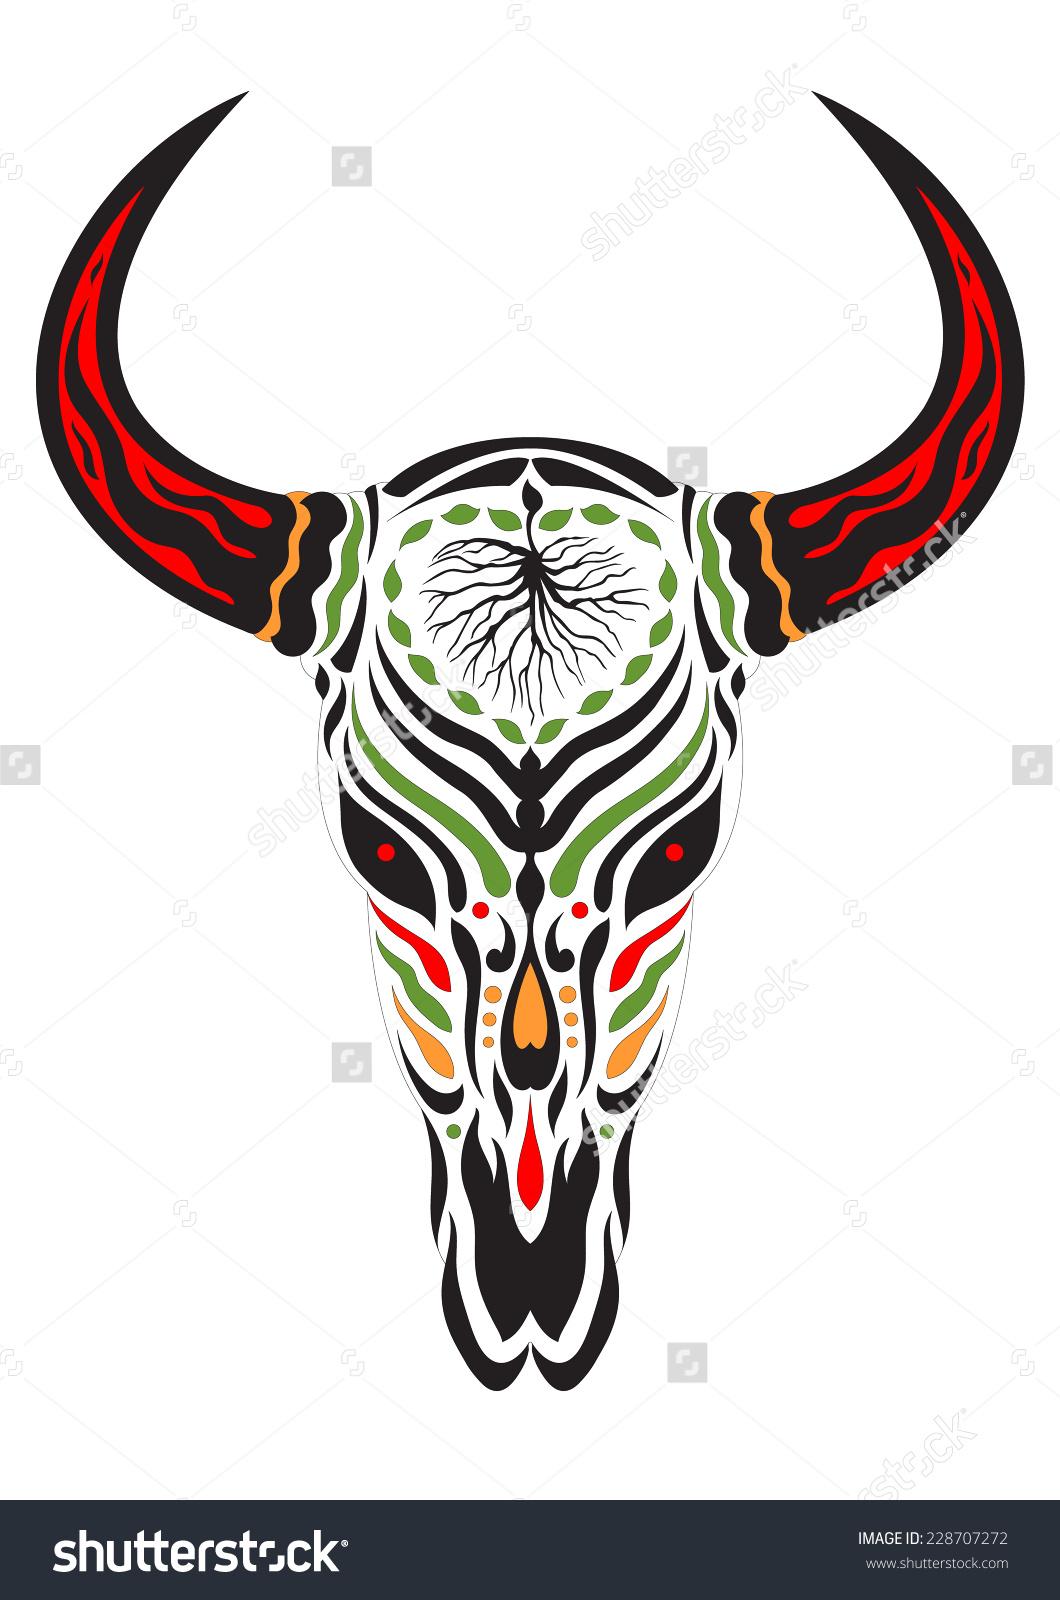 Sugar Skull Day Dead Illustrations Design Stock Vector 228707272.